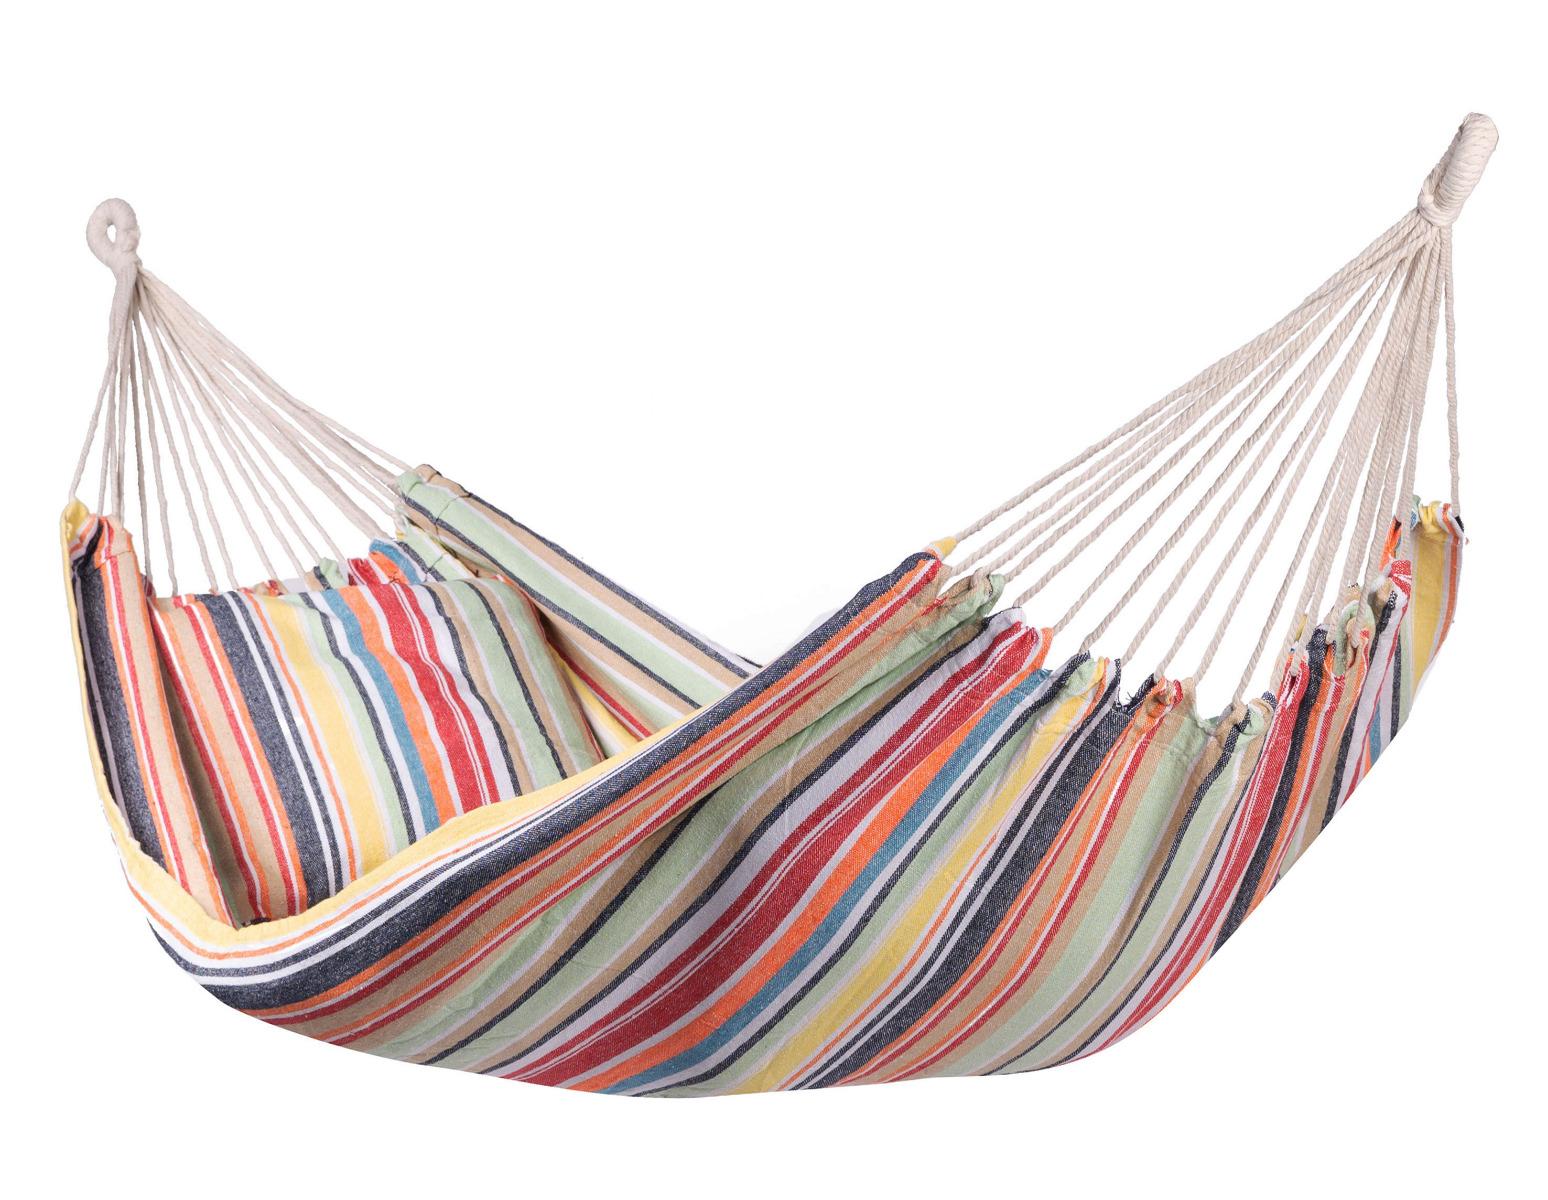 Hangmat E�npersoons 'Minorca' Single - Veelkleurig - 123 Hammock